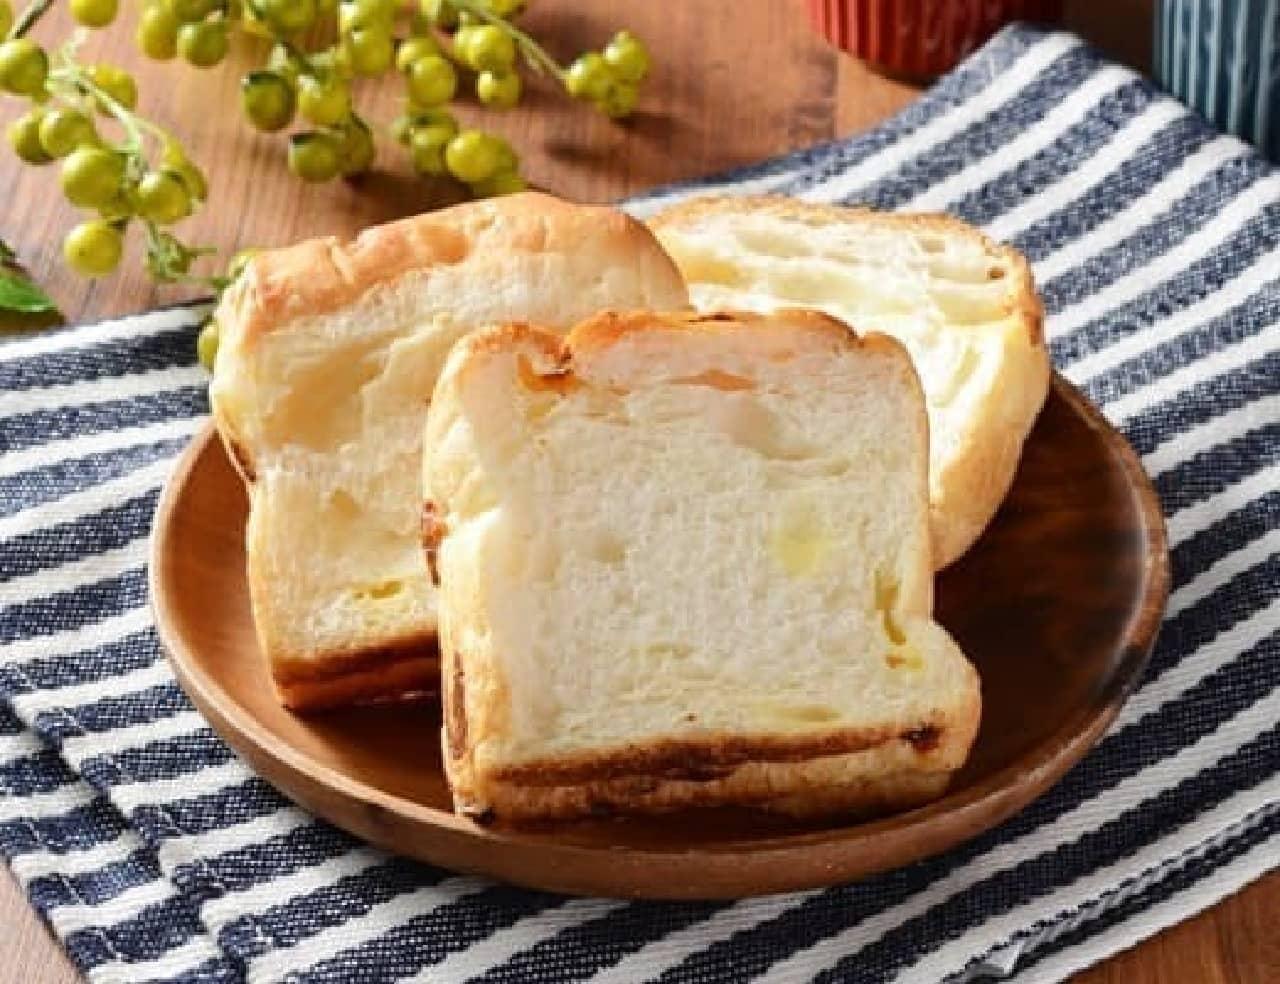 ローソン「塩バターブレッド チーズ 3枚入」